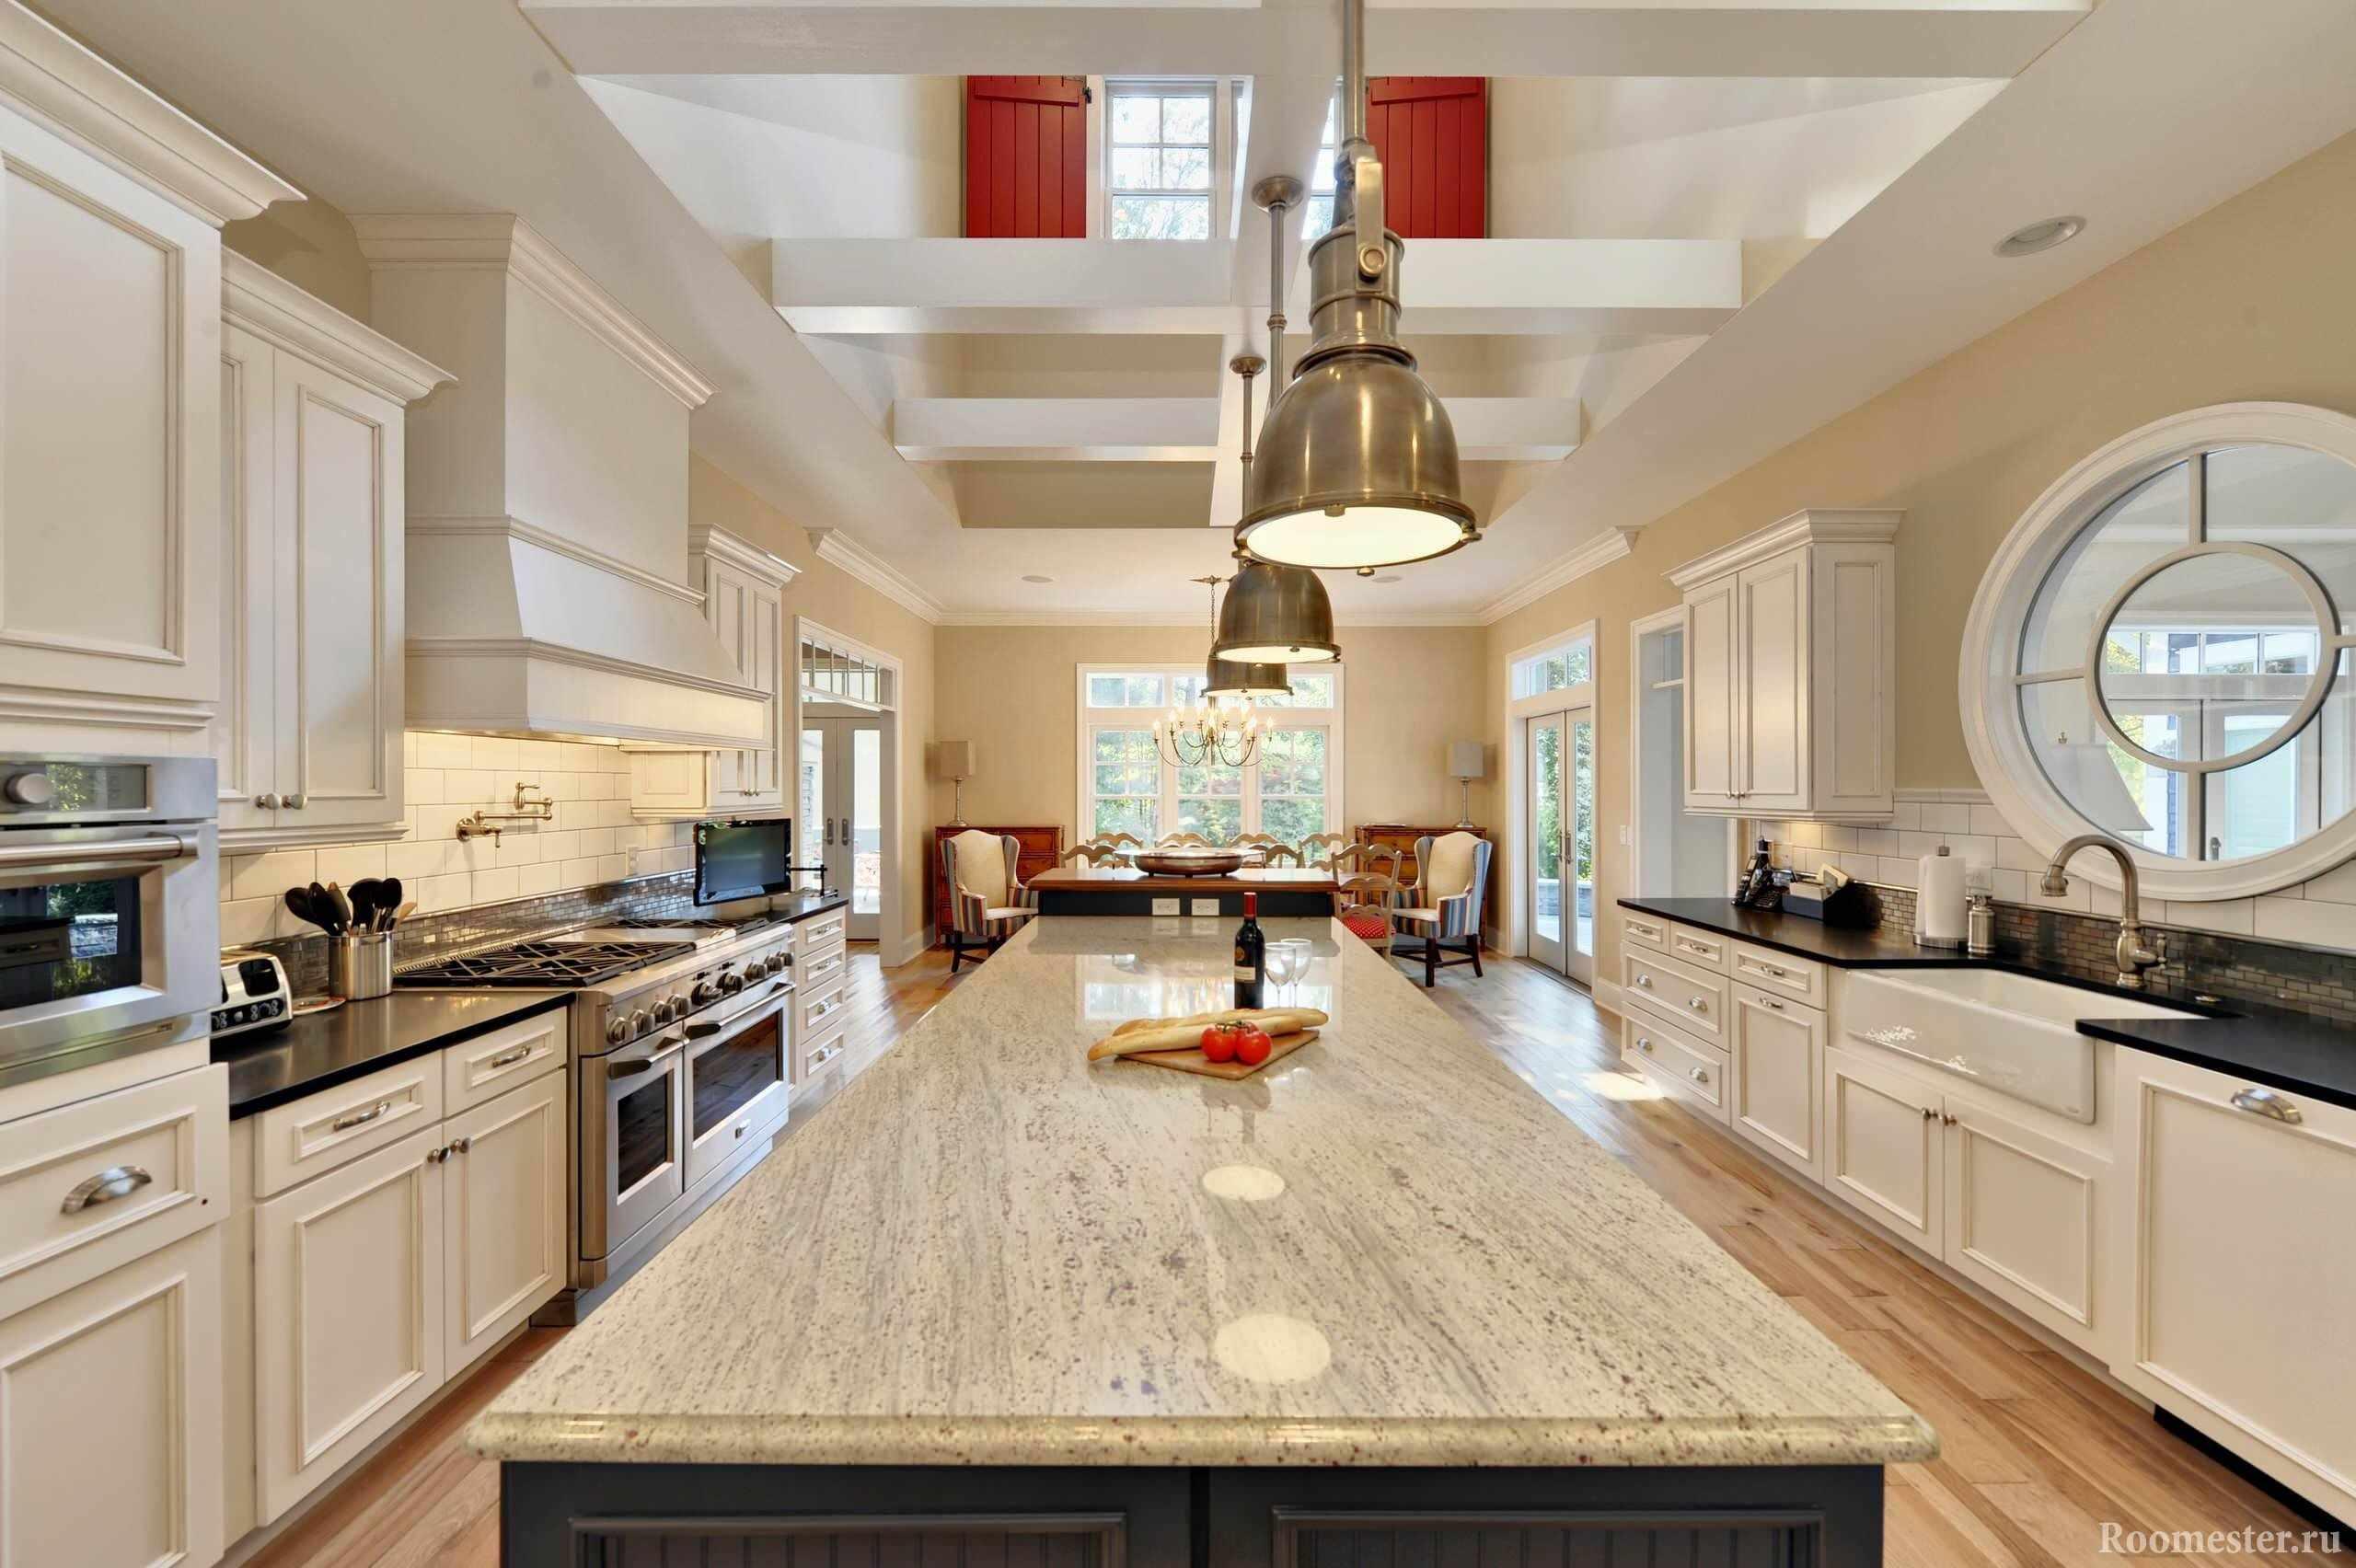 Кухня со вторым светом в доме